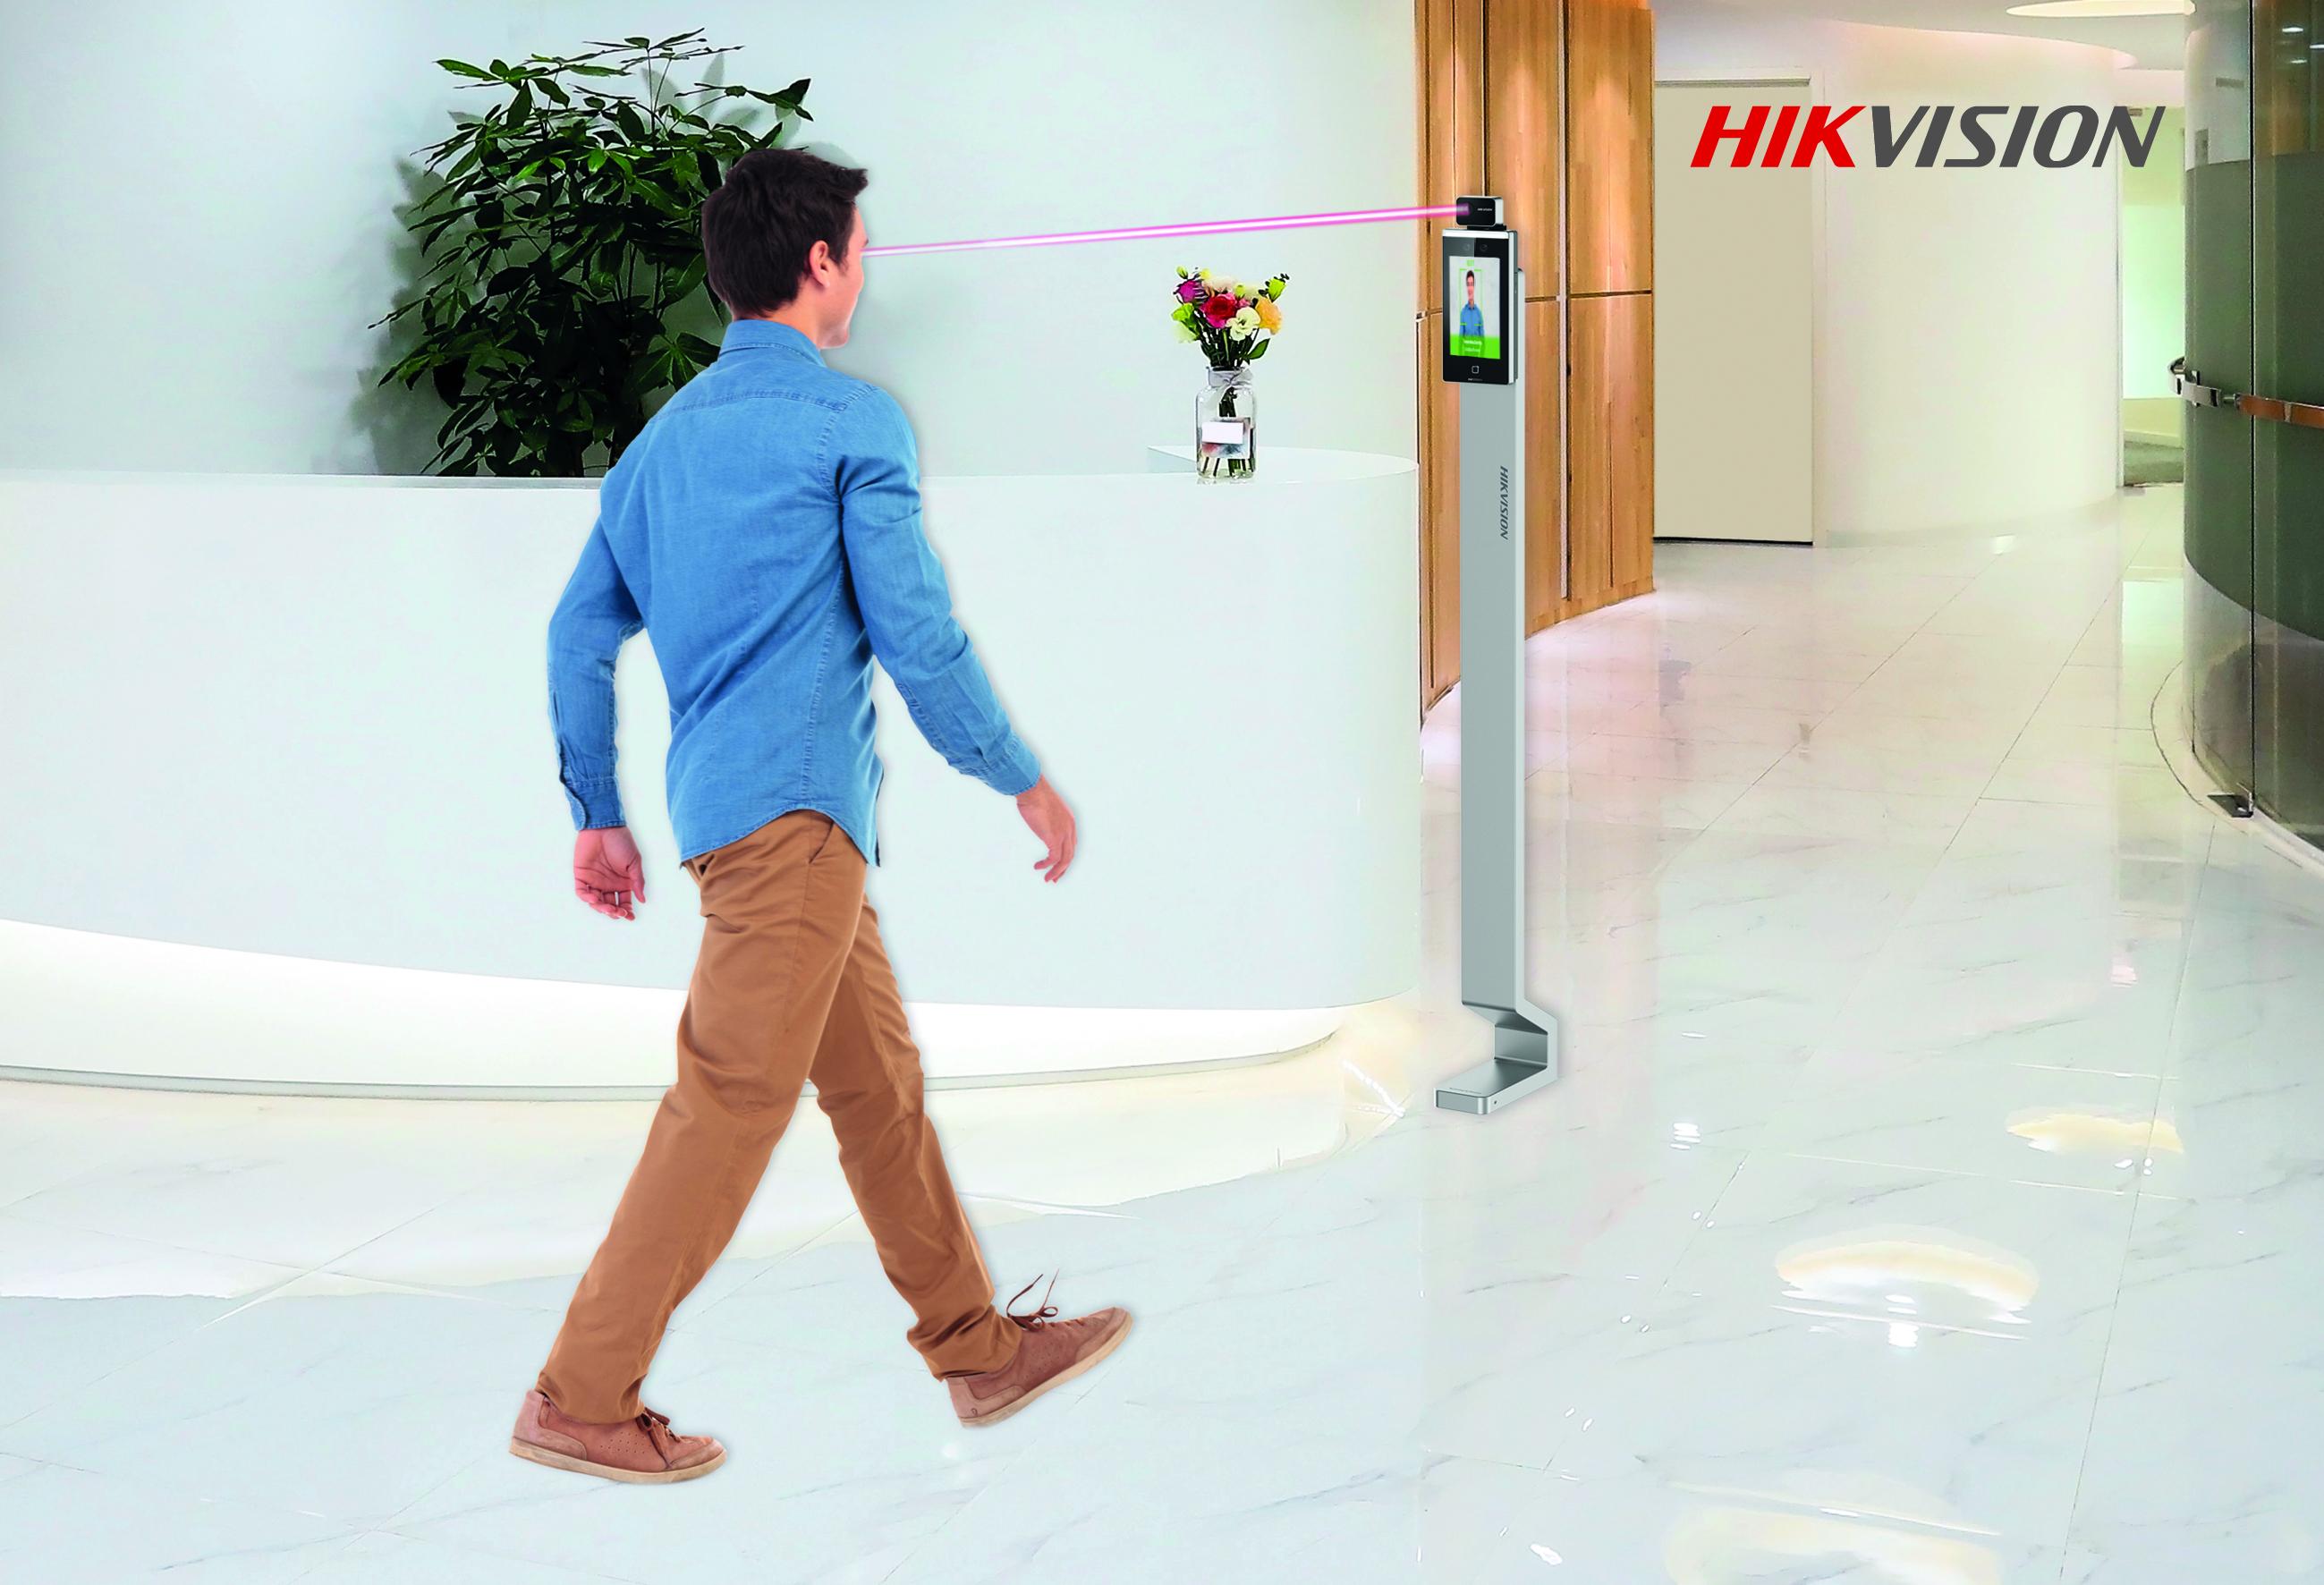 controllo accessi termografico hikvision